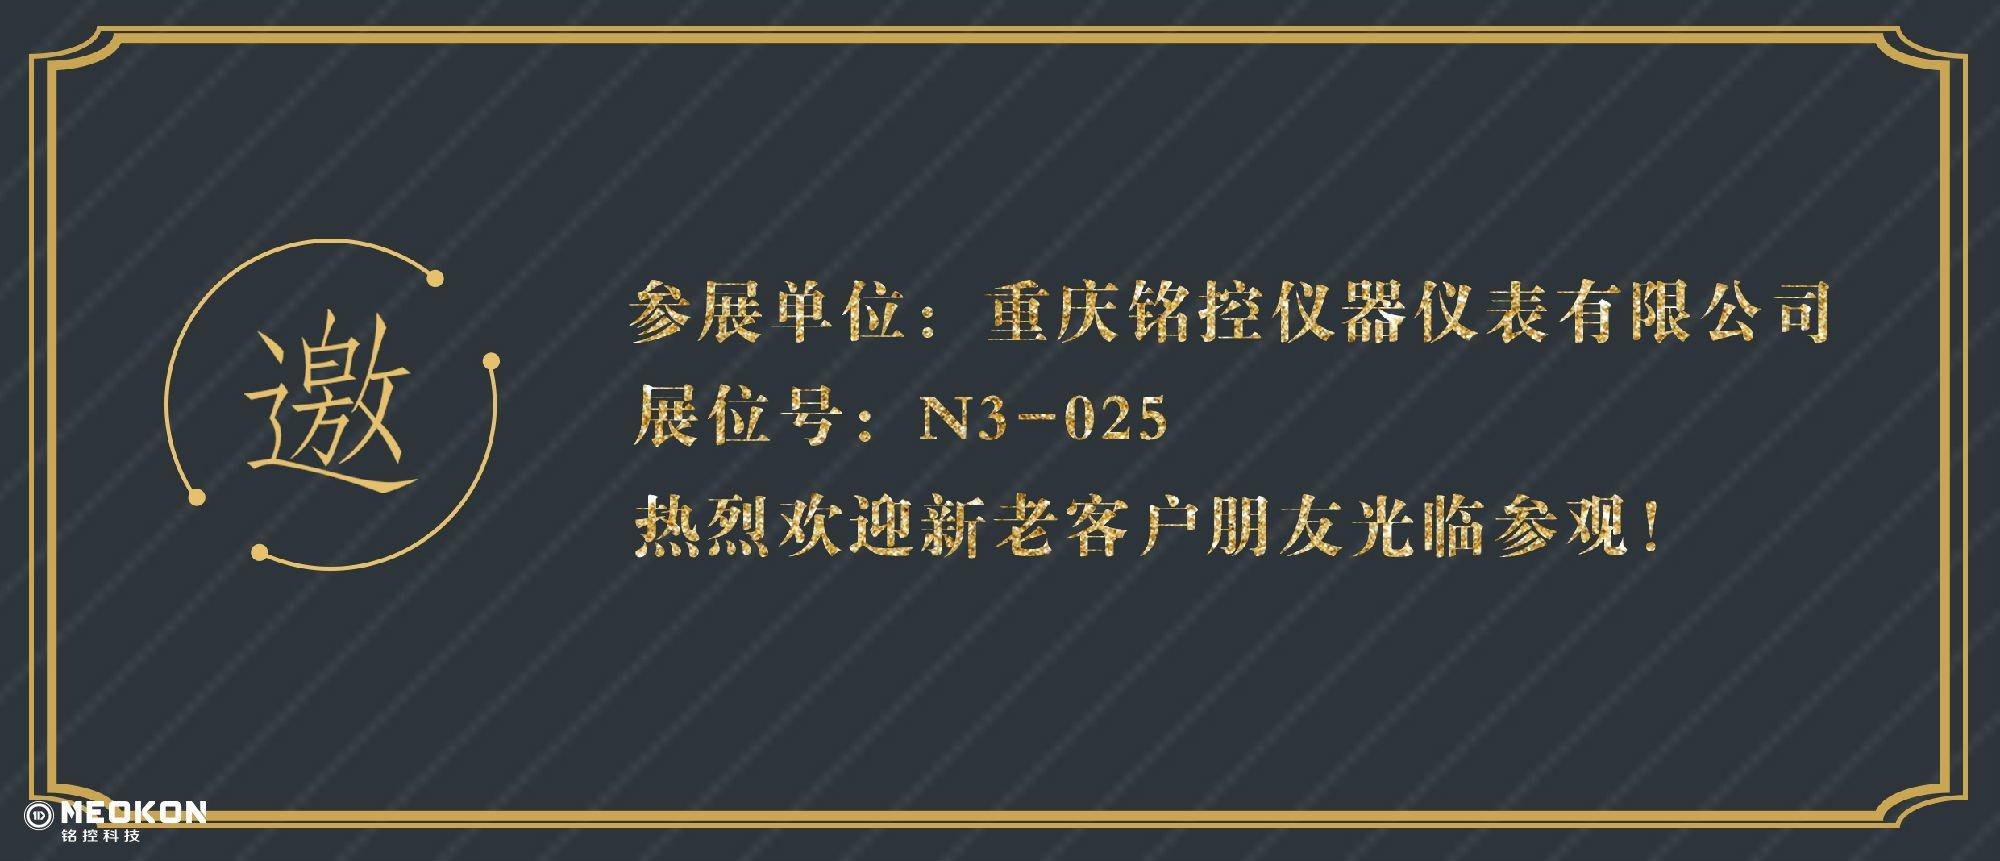 重庆铭控 | 邀您相约2018中国国际智能产业博览会! - 上海铭控 - 上海铭控传感技术有限公司的博客